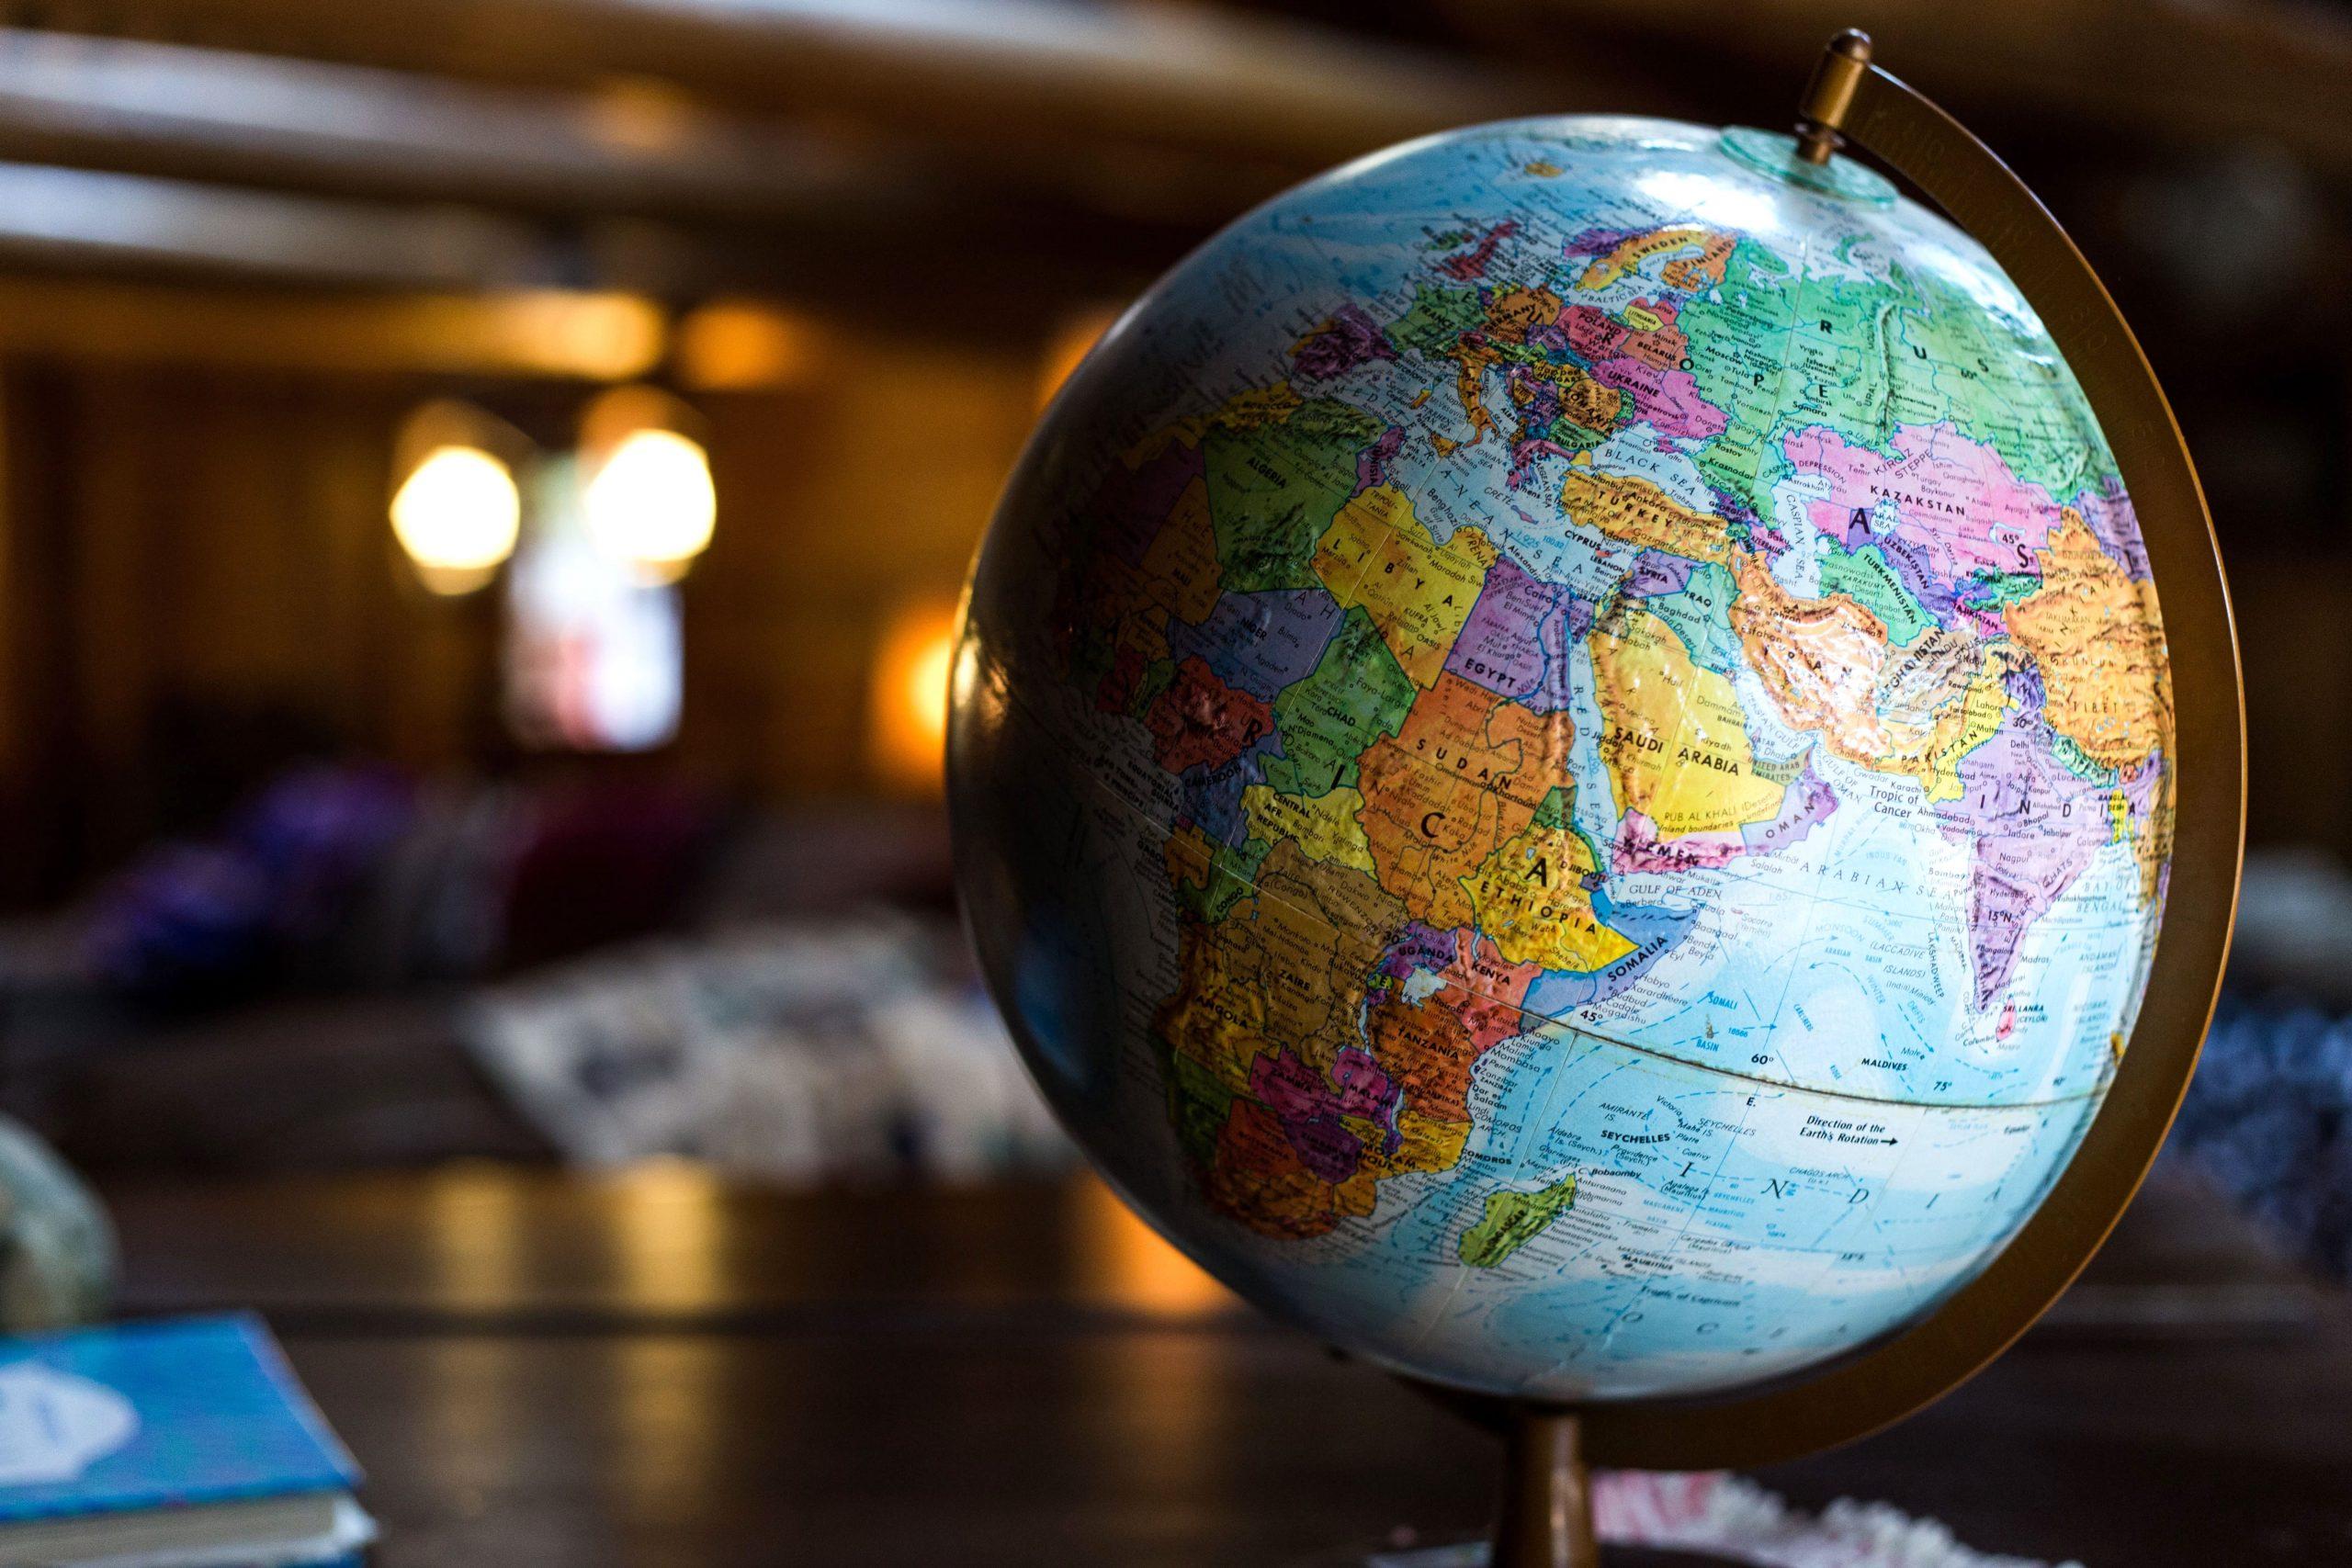 Buitenland verhuizen checklist